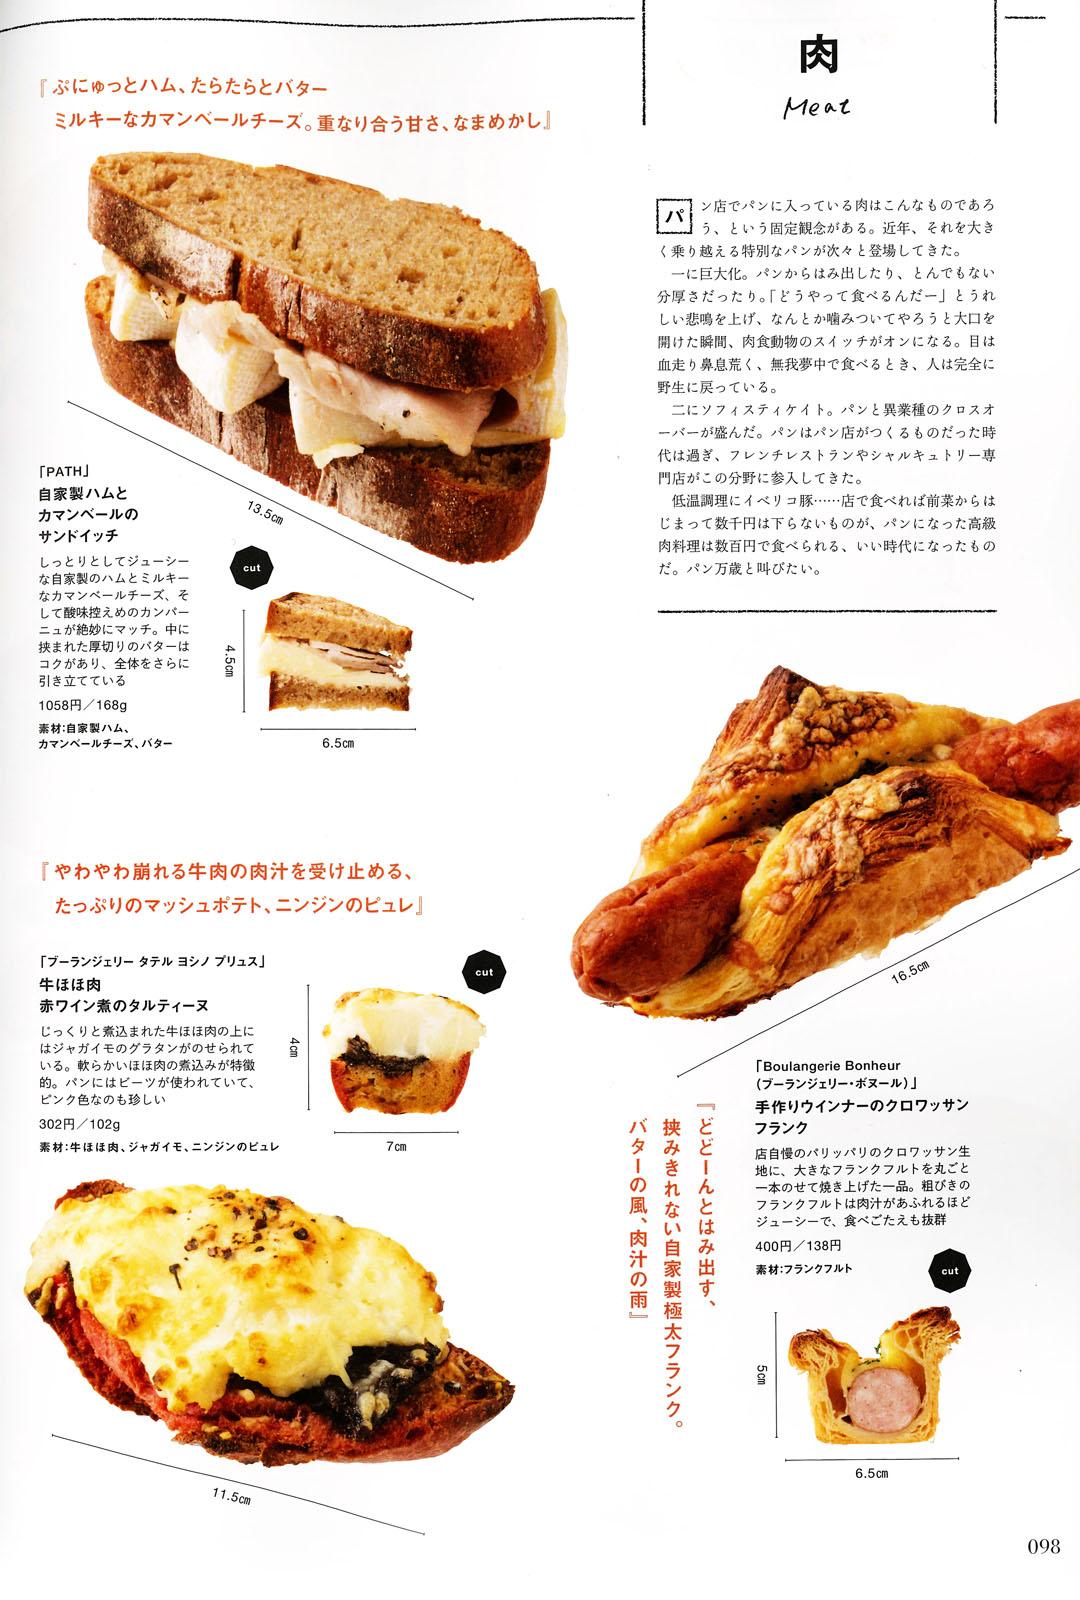 ニッポンのパン(記事)【クロワッサンフランク】540×800